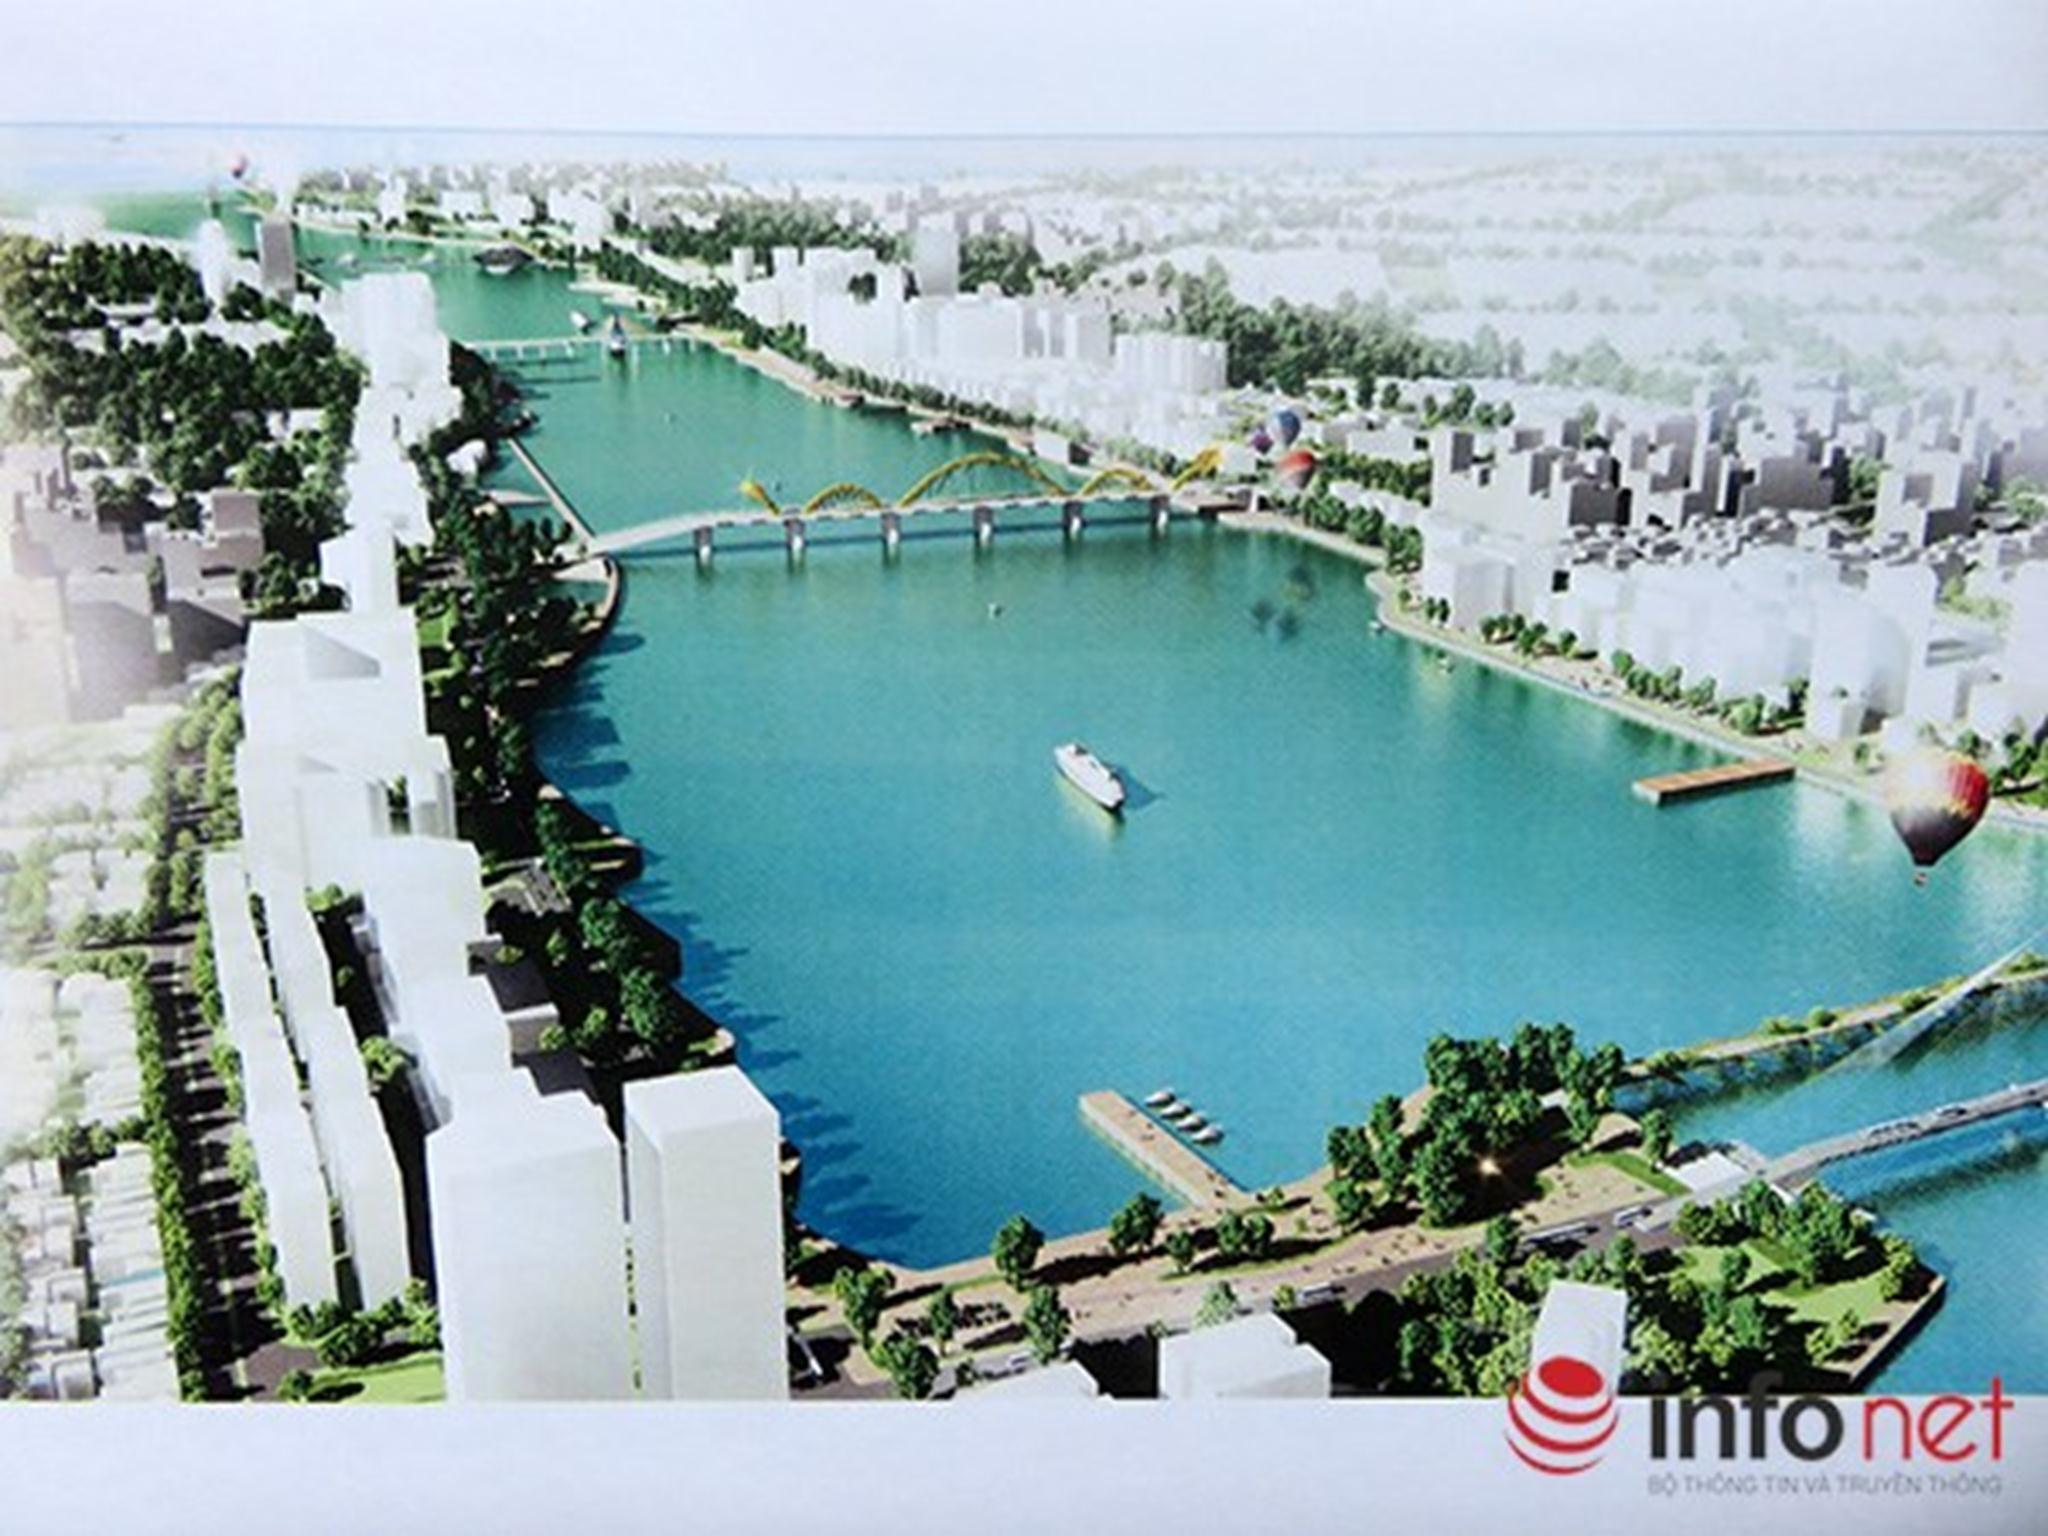 Phối cảnh quy hoạch công viên trung tâm trên cao ở bờ Đông sông Hàn  Xem thêm tại : http://www.danang43.com/da-nang-lay-y-kien-gioi-chuyen-mon-va-nguoi-dan-ve-quy-hoach-song-han-p4451.html